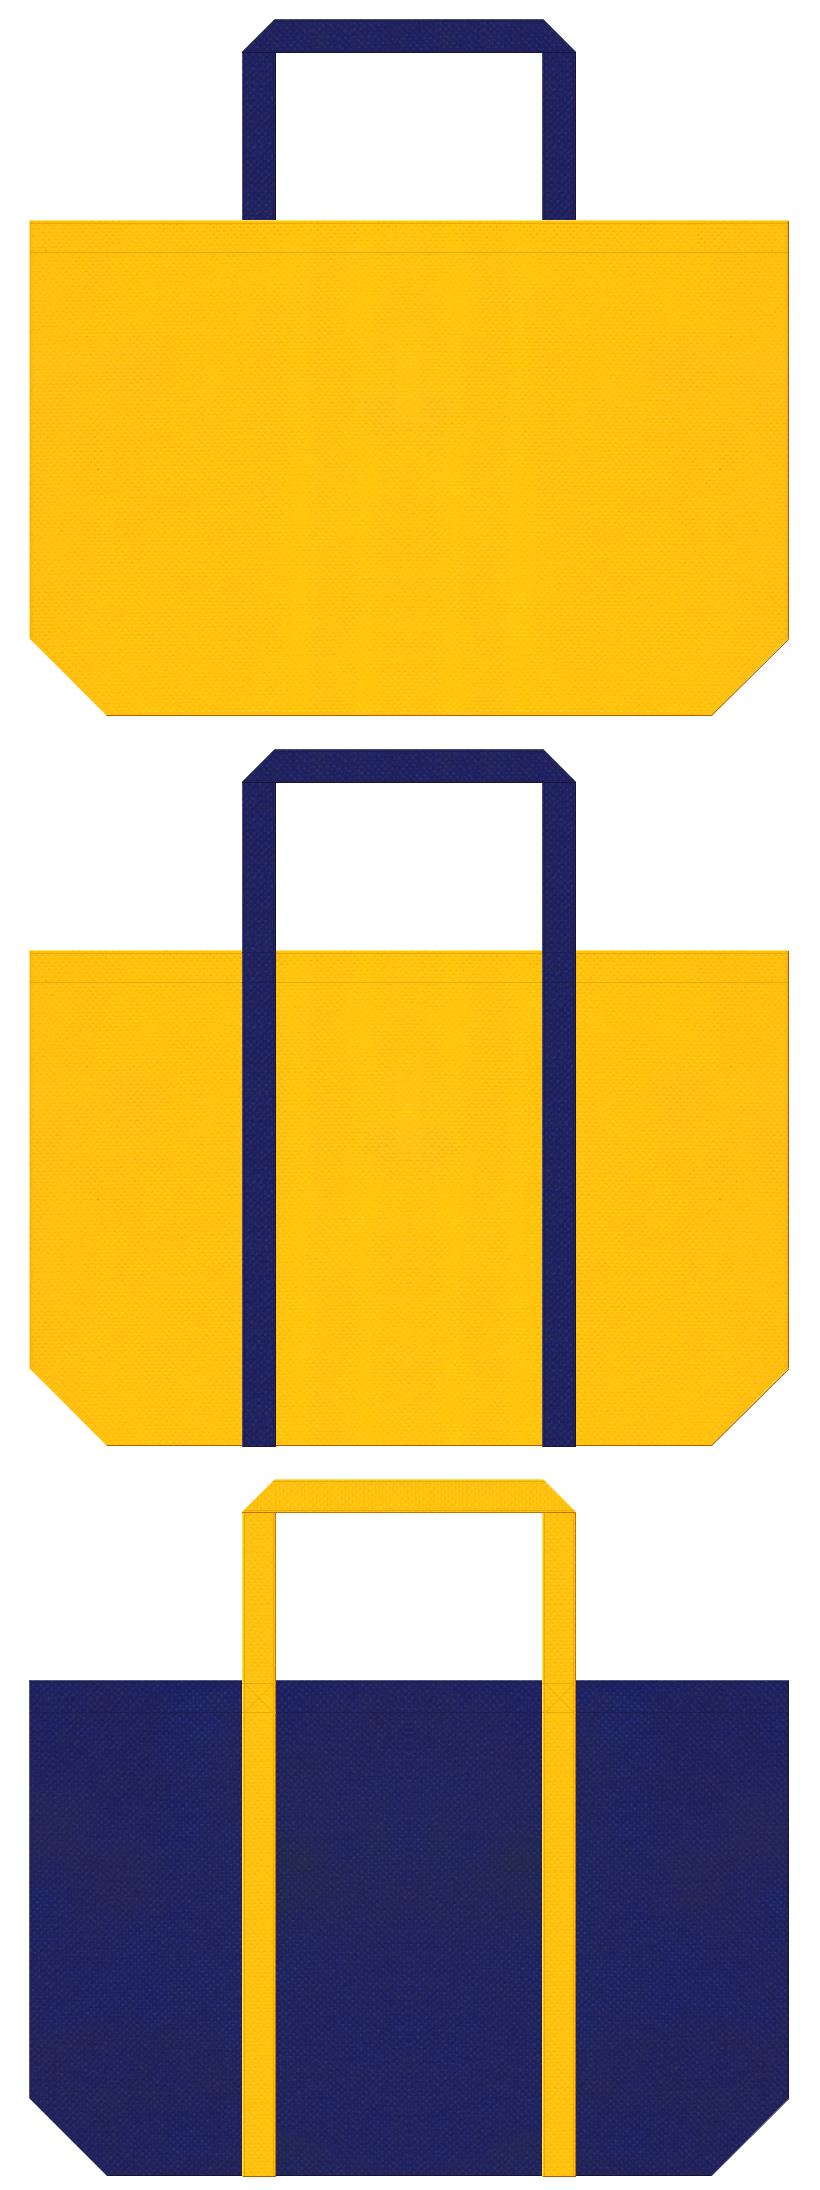 キャンプ・アウトドア・おもちゃ・ブラジル・サッカー・ゲーム・学習塾・レッスンバッグ・通園バッグ・キッズイベント・電気・通信・ロボット・テーマパークのノベルティにお奨めの不織布バッグデザイン:黄色と明るい紺色のコーデ